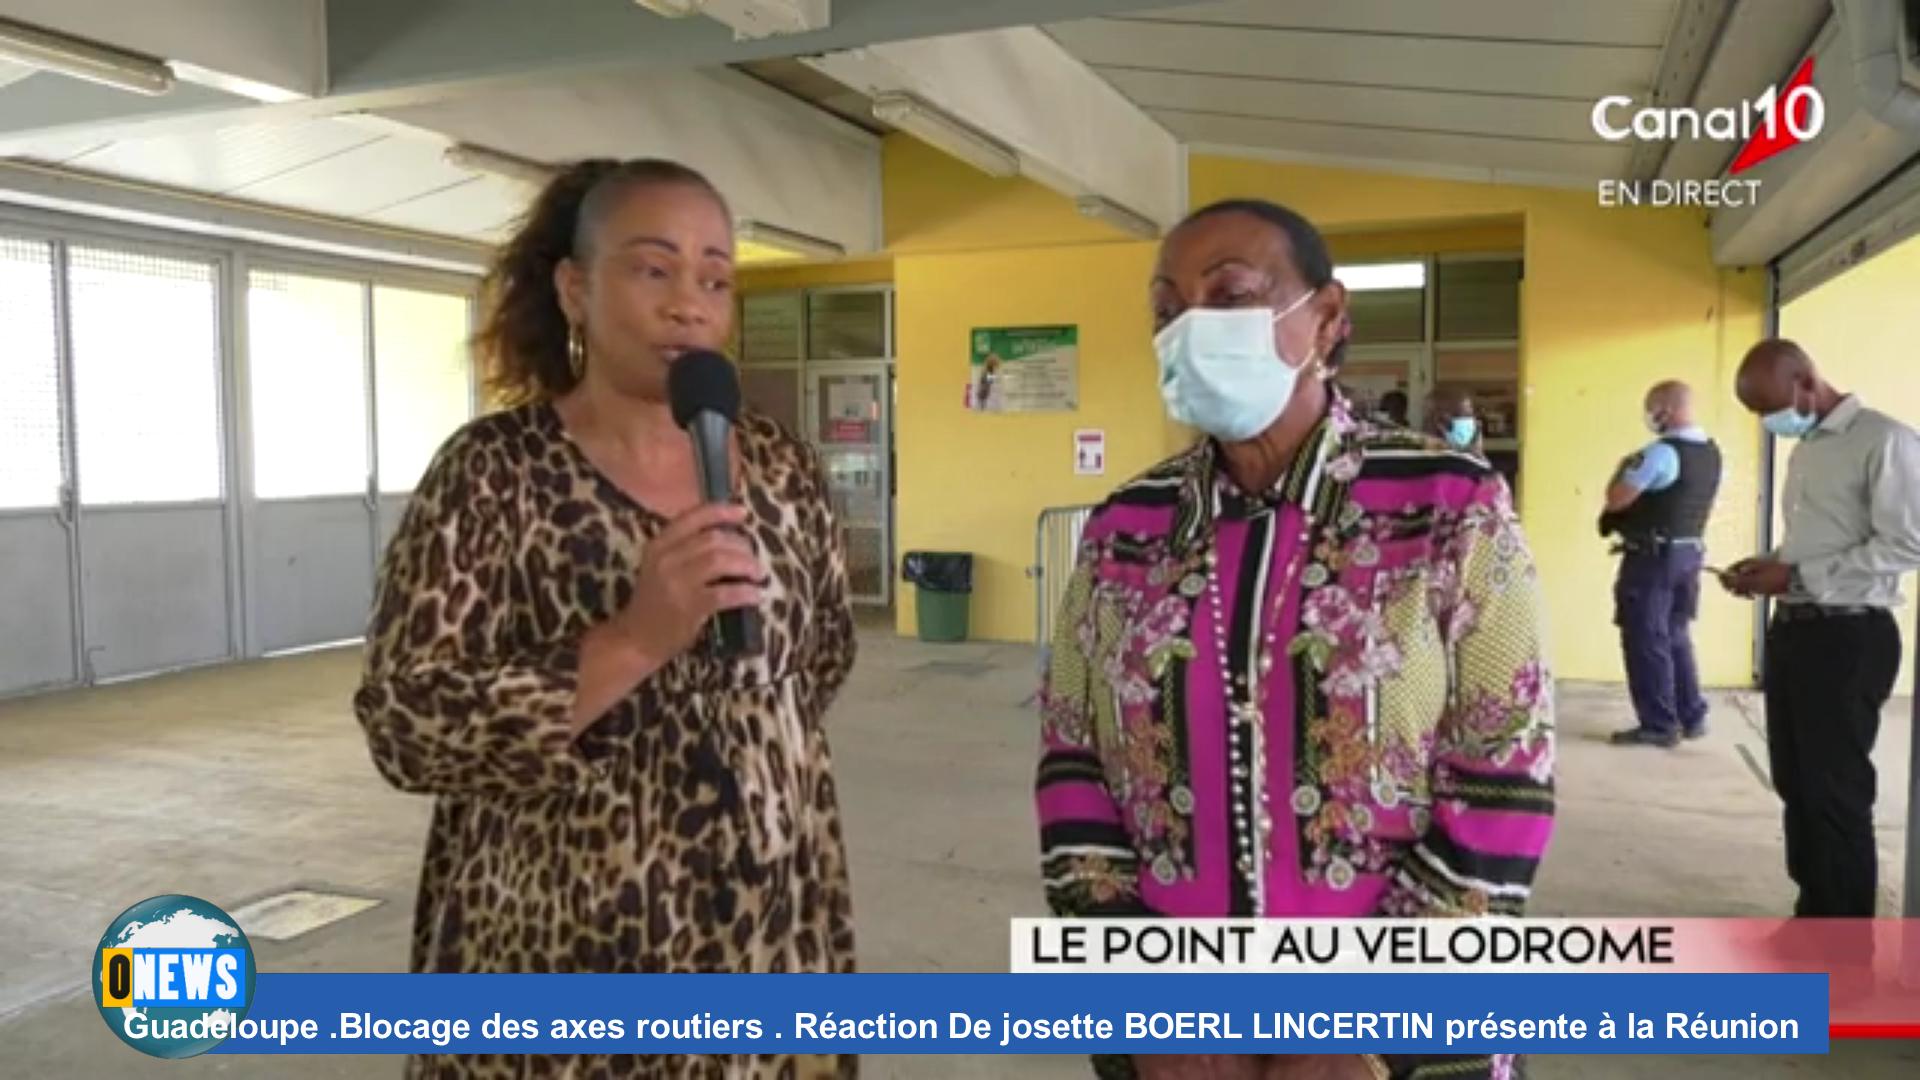 [Vidéo] Onews.Guadeloupe .Blocage des axes routiers . Réaction de Josette BOREL LINCERTIN présente à la Réunion